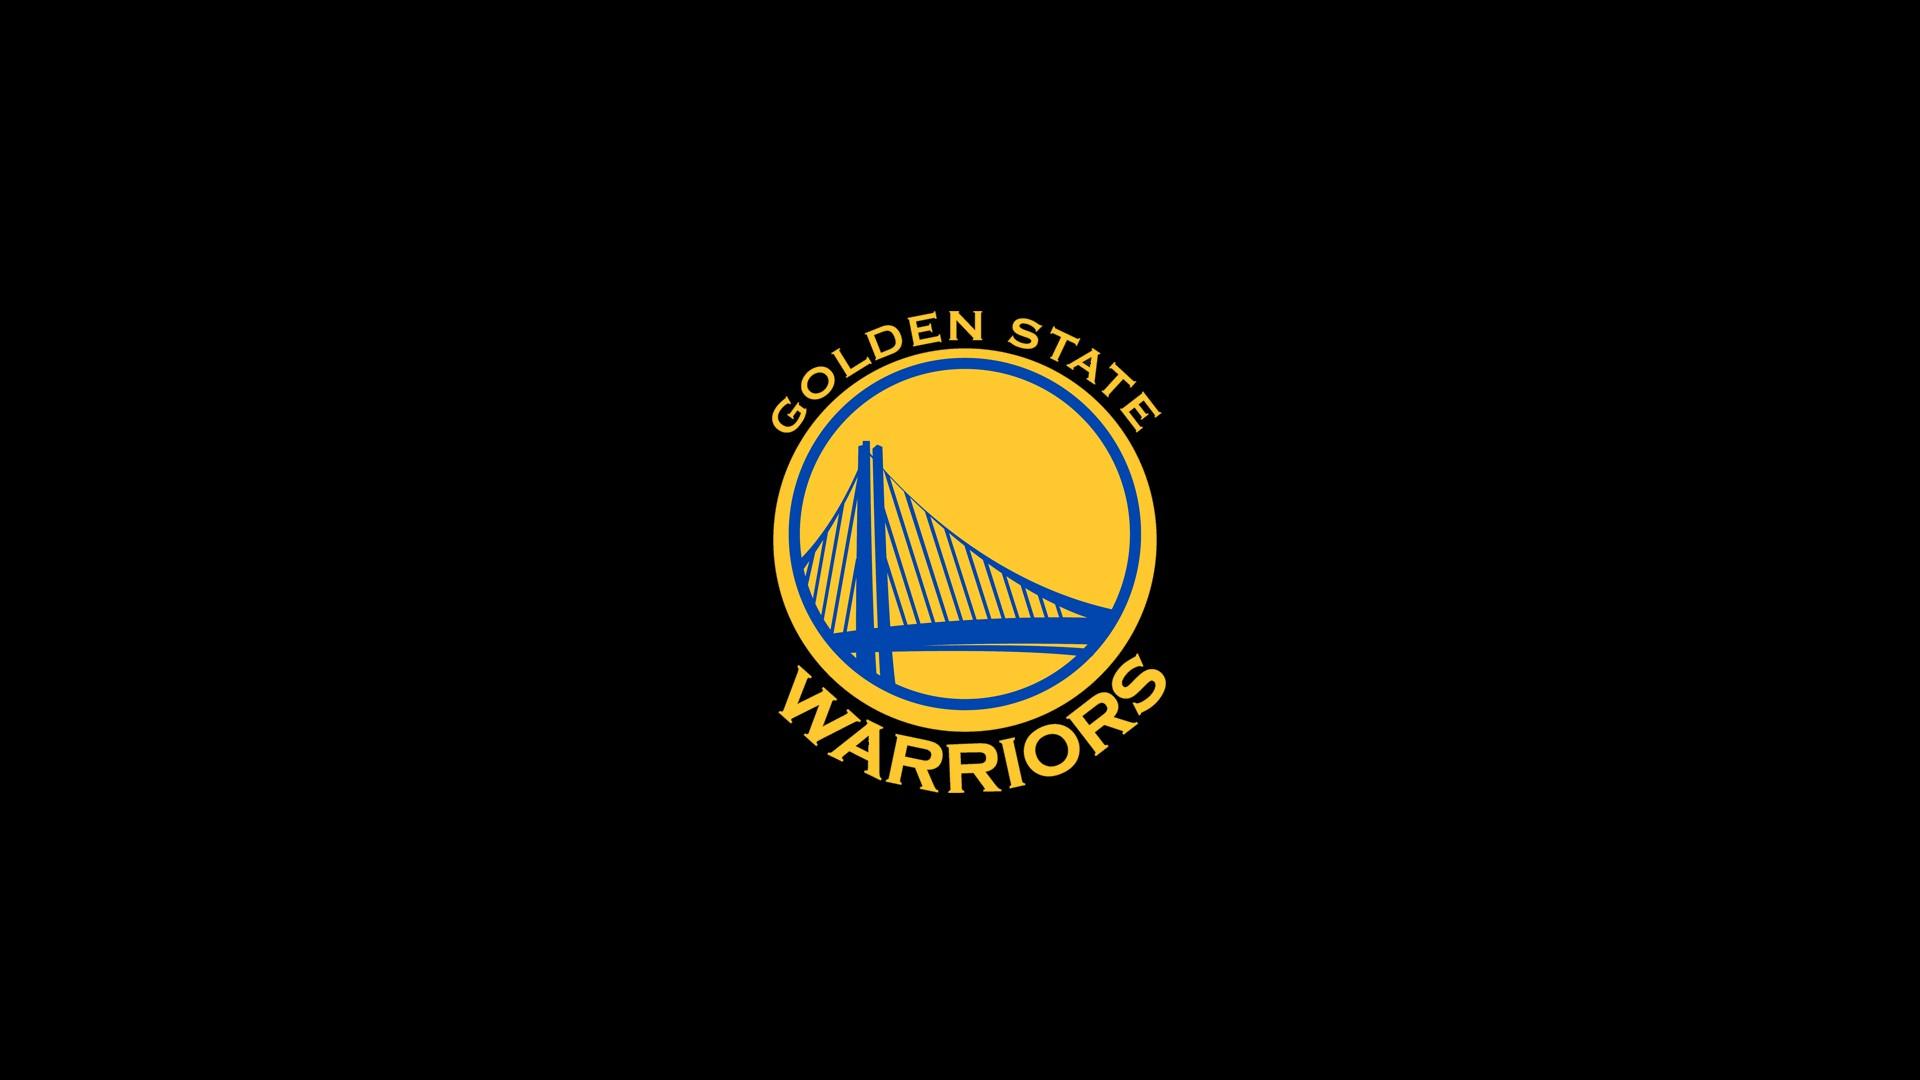 Golden State Warriors Wallpaper Hd Golden State Warriors Logo Desktop Wallpapers 2018